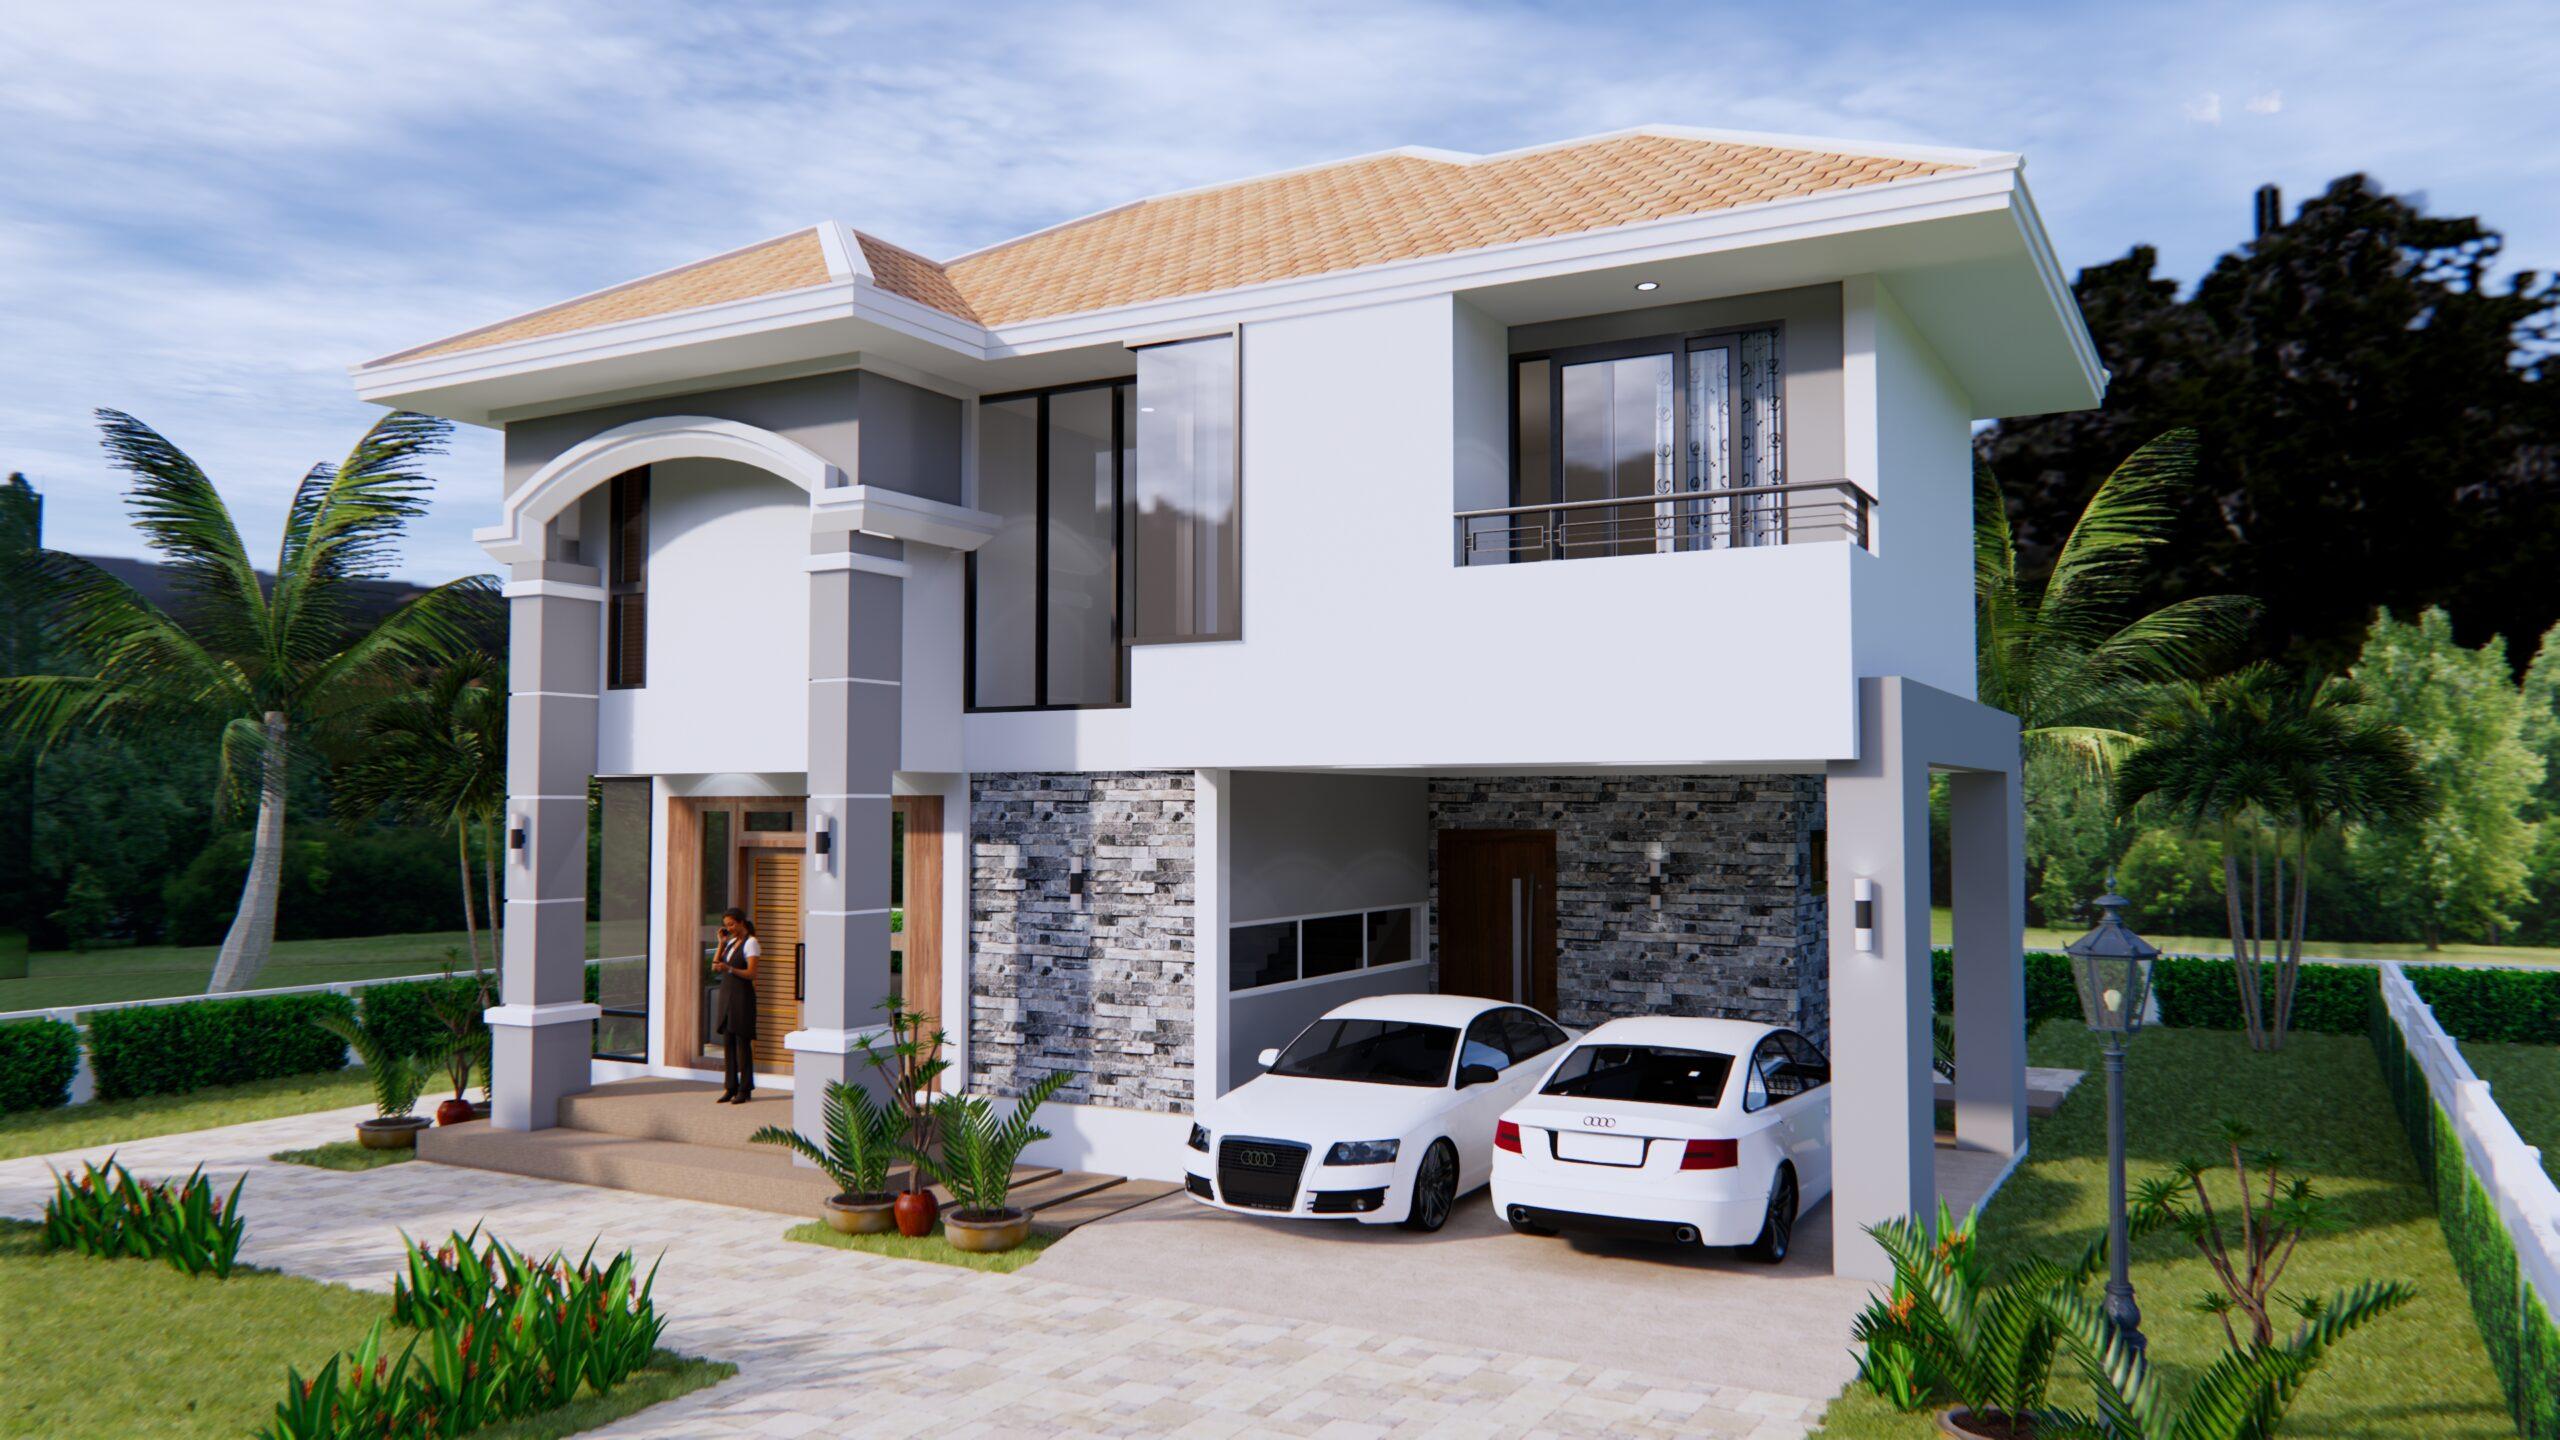 House Plans 11x8 Meter 36x26 Feet 3 Beds 3